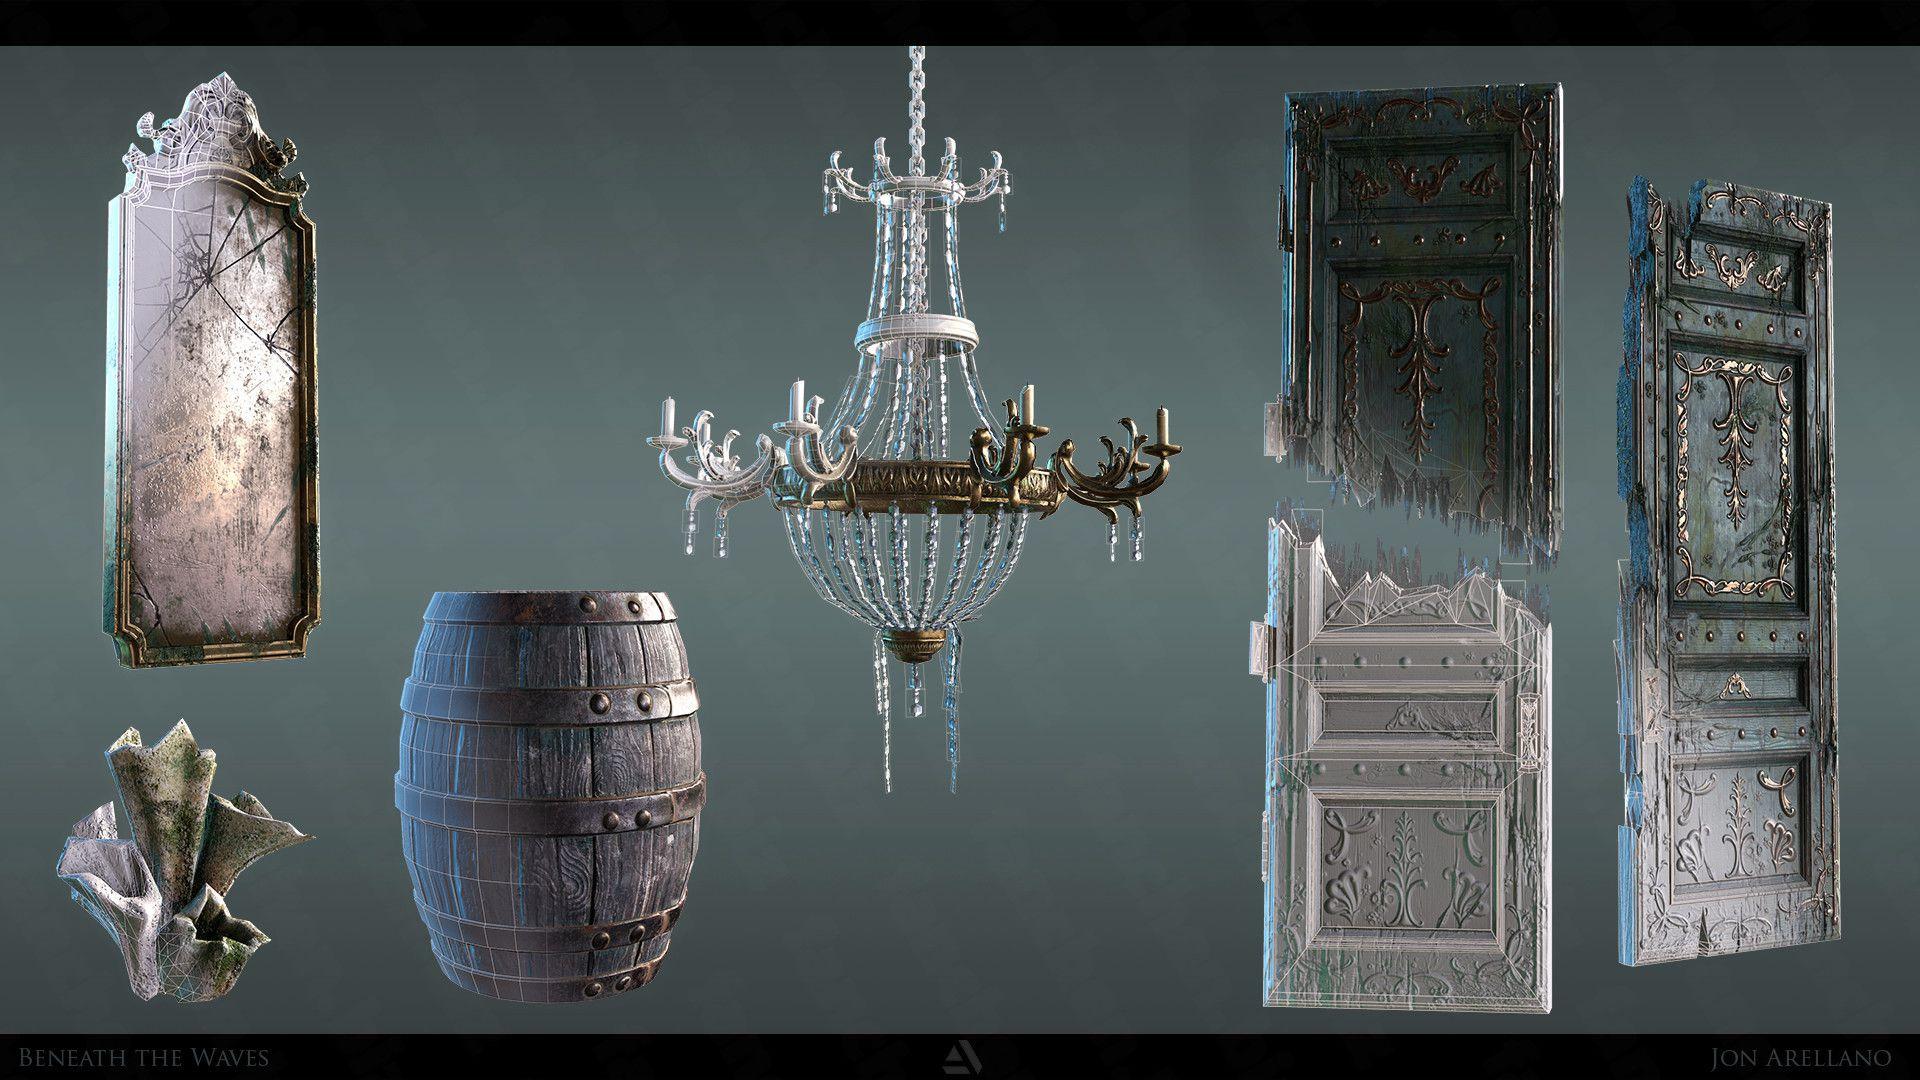 美国艺术家Jon Arellano写实城堡场景3D作品 125.5M-FANCHENBIZ